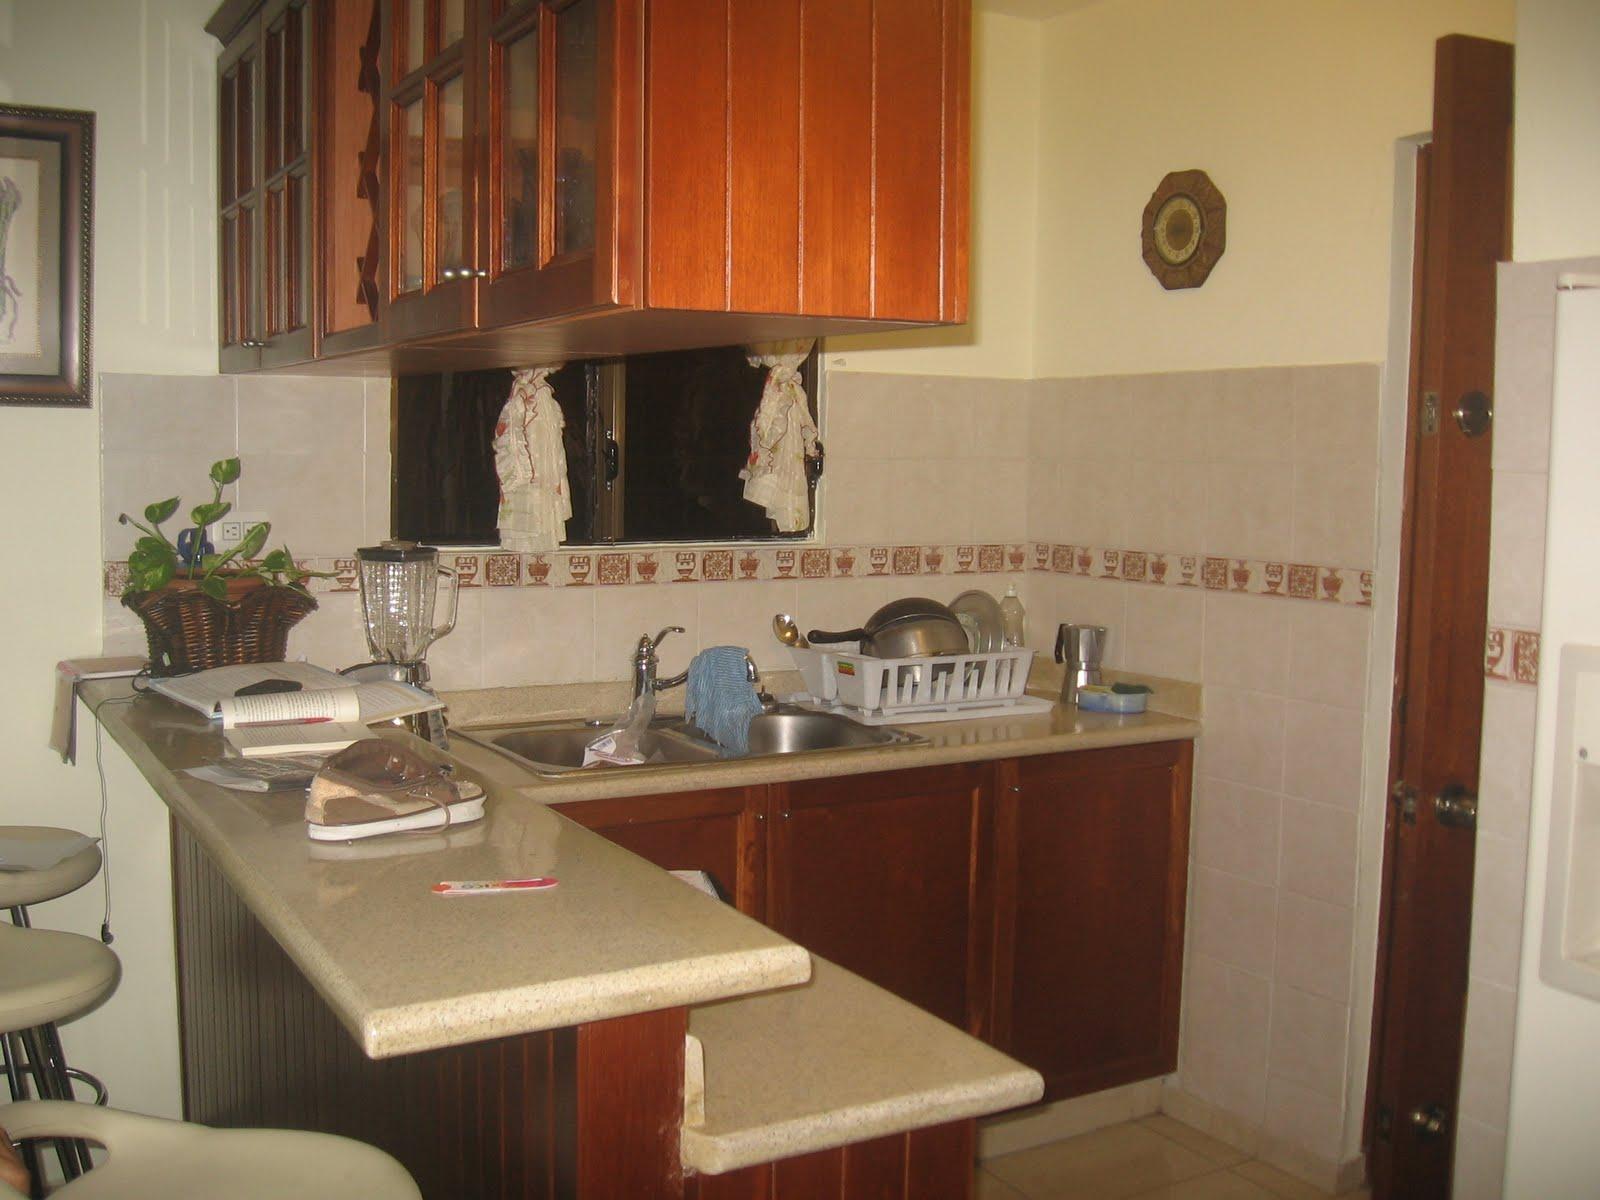 Dise o de restaurantes fotos de reas existentes cocina for Desayunador cocina comedor